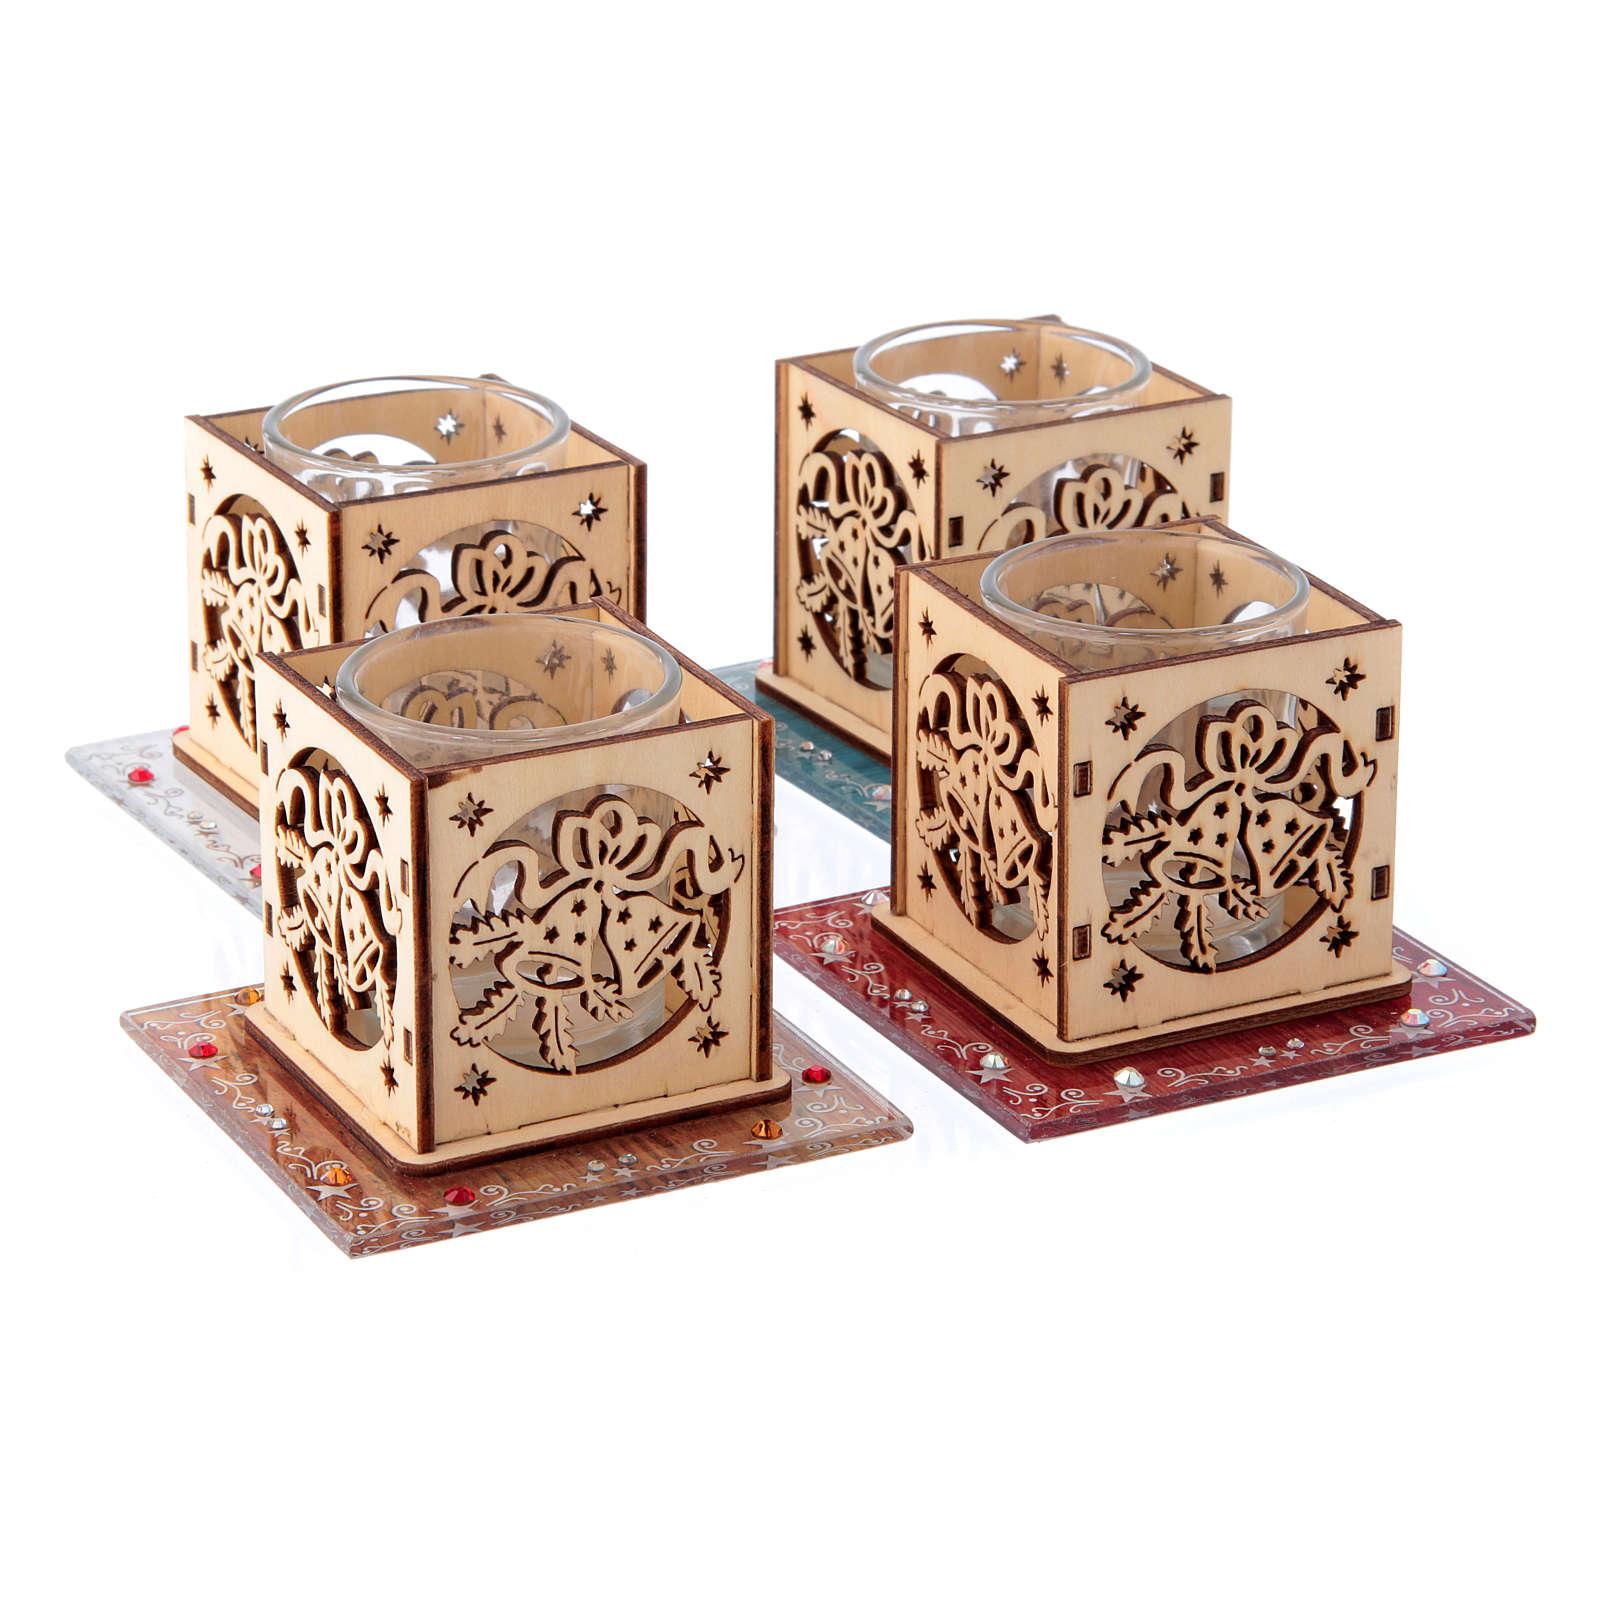 Portacandela vetro e legno campane 4 pezzi 3